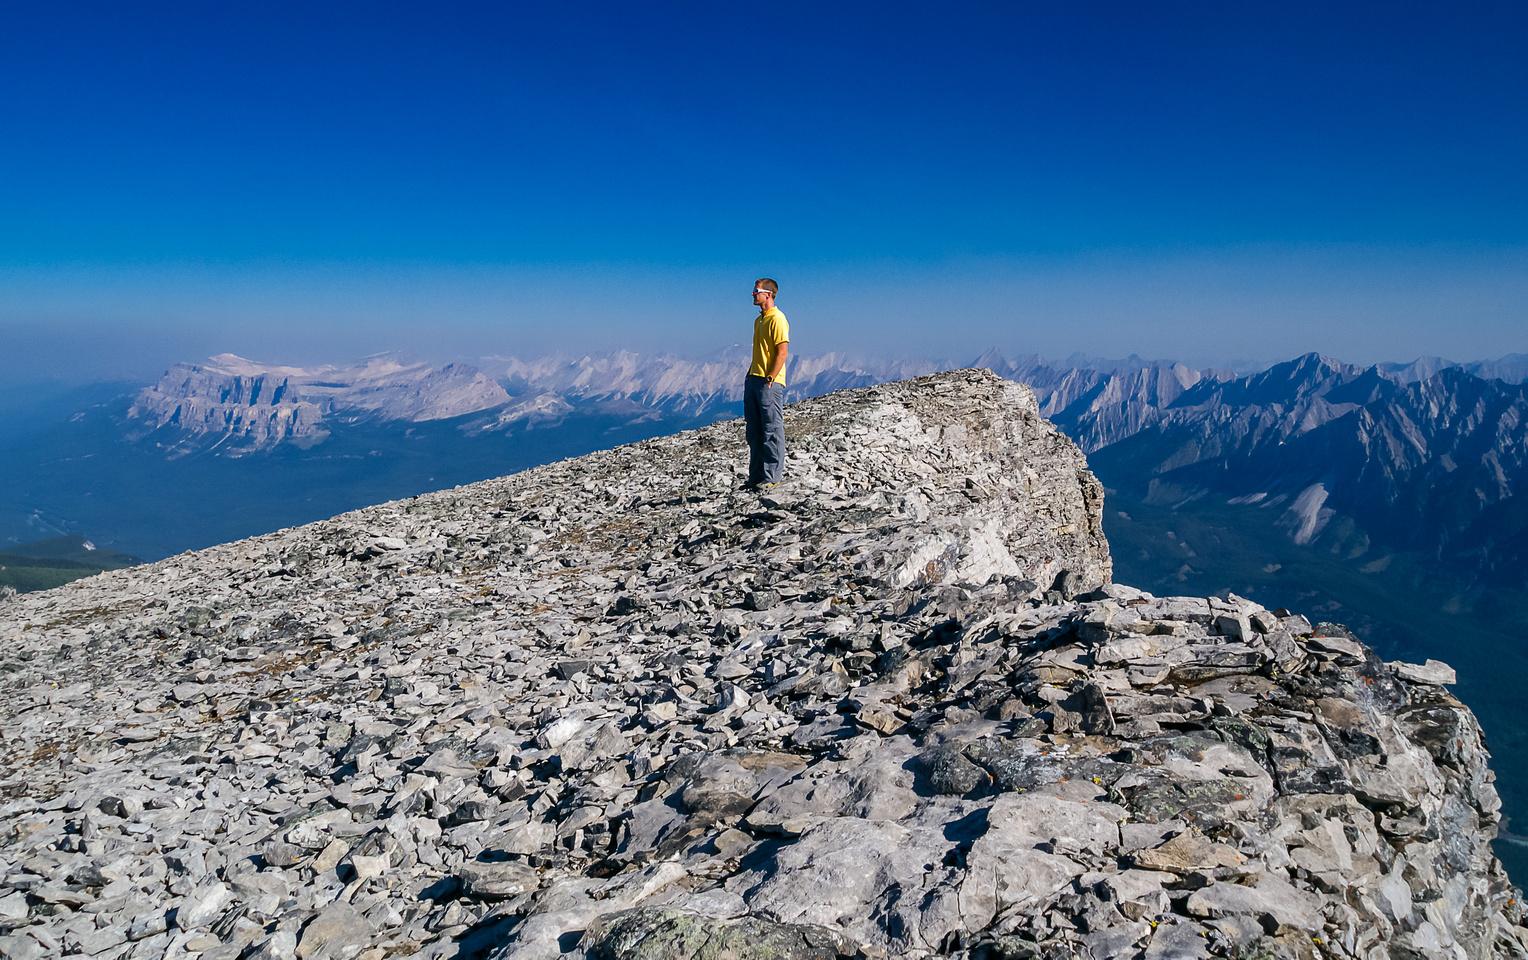 Vern on the summit of Pilot Mountain.